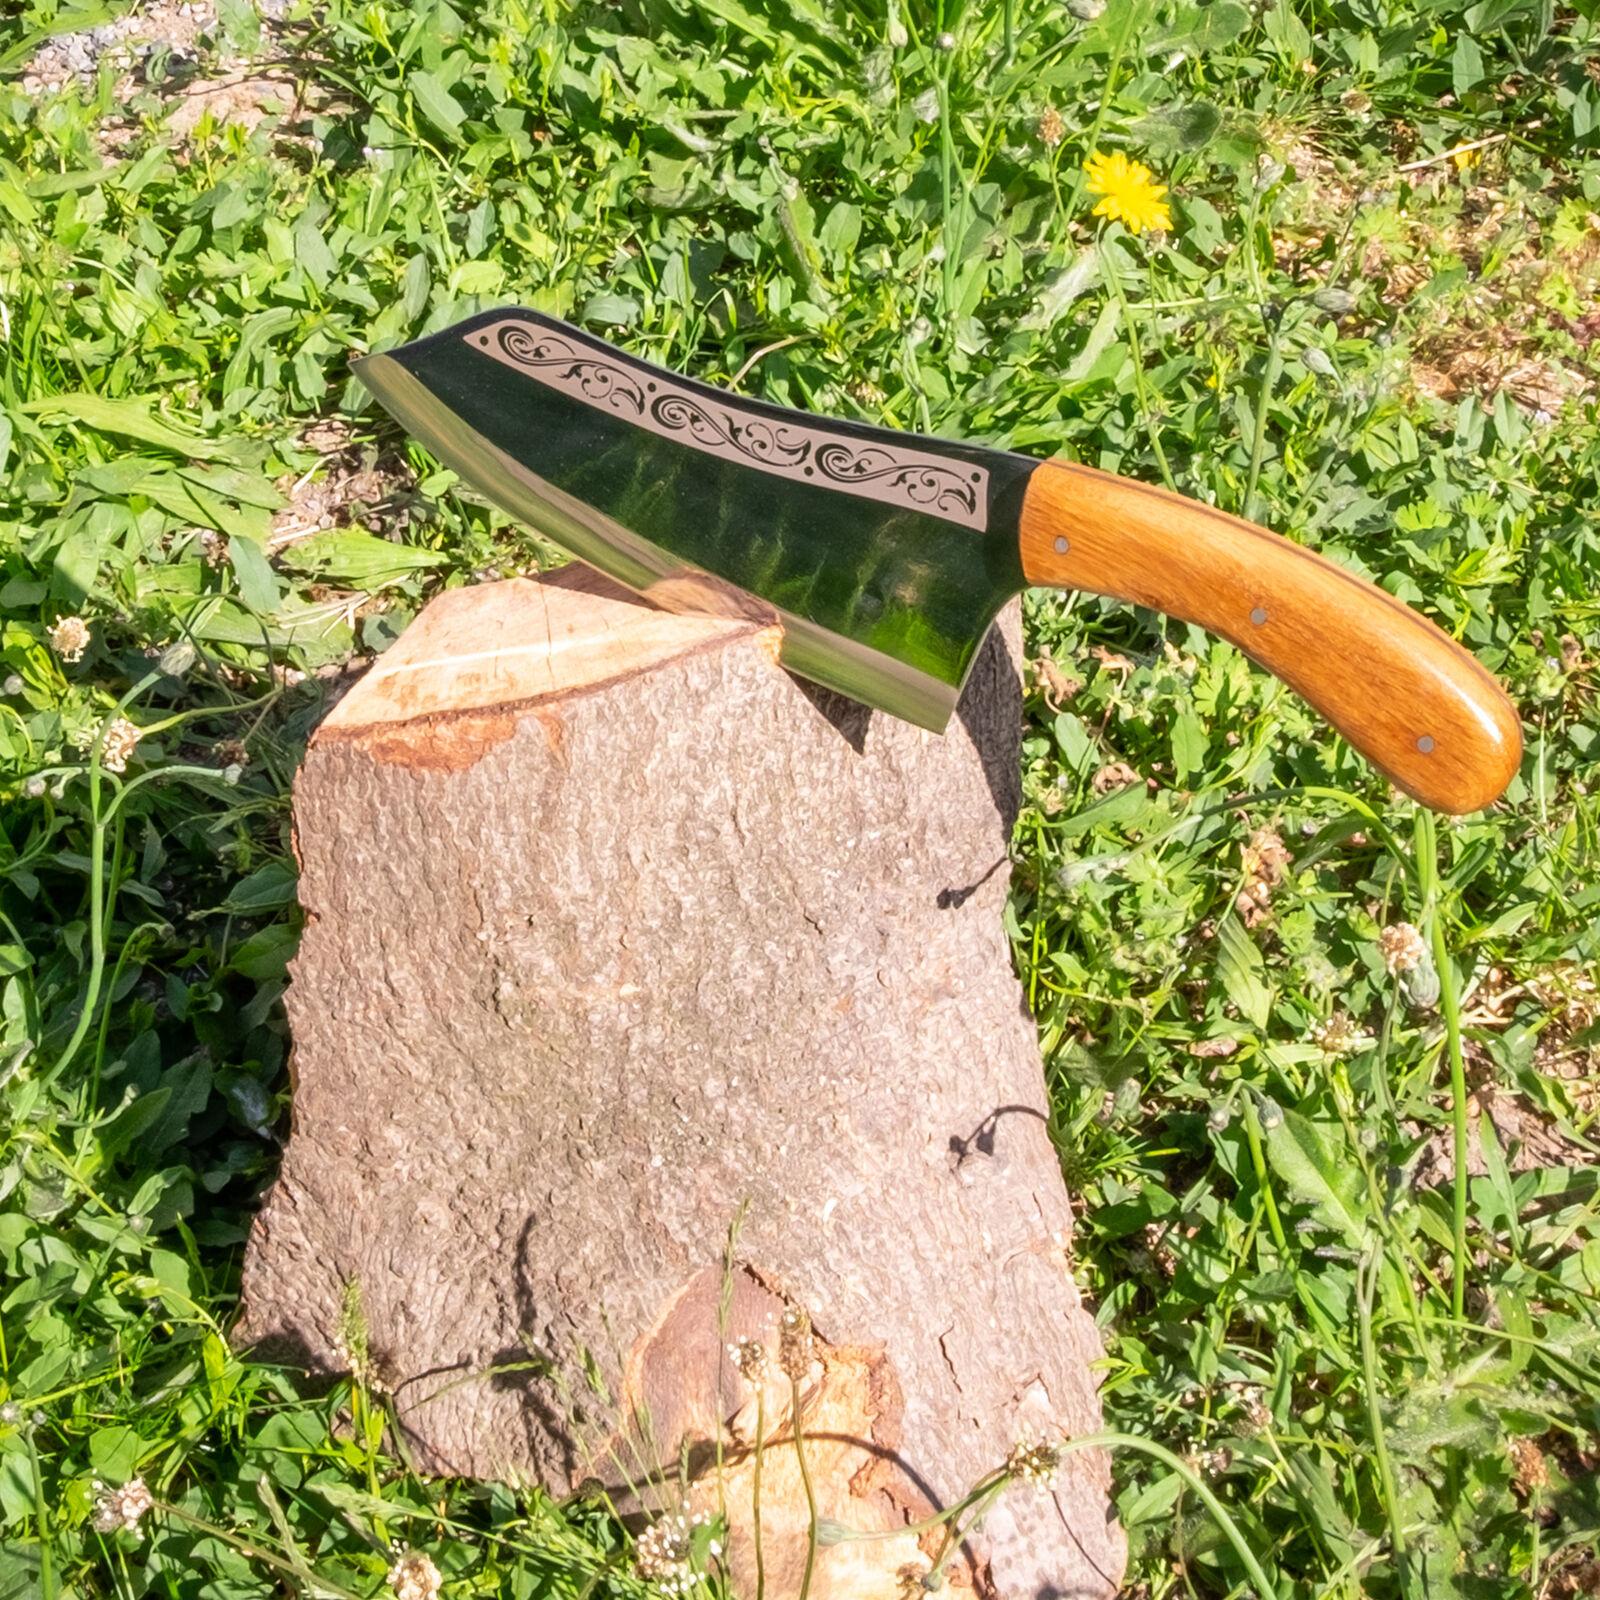 32,5cm Messer Beil Hackmesser Chinesisches Kochmesser Obstmesser Edelstahl